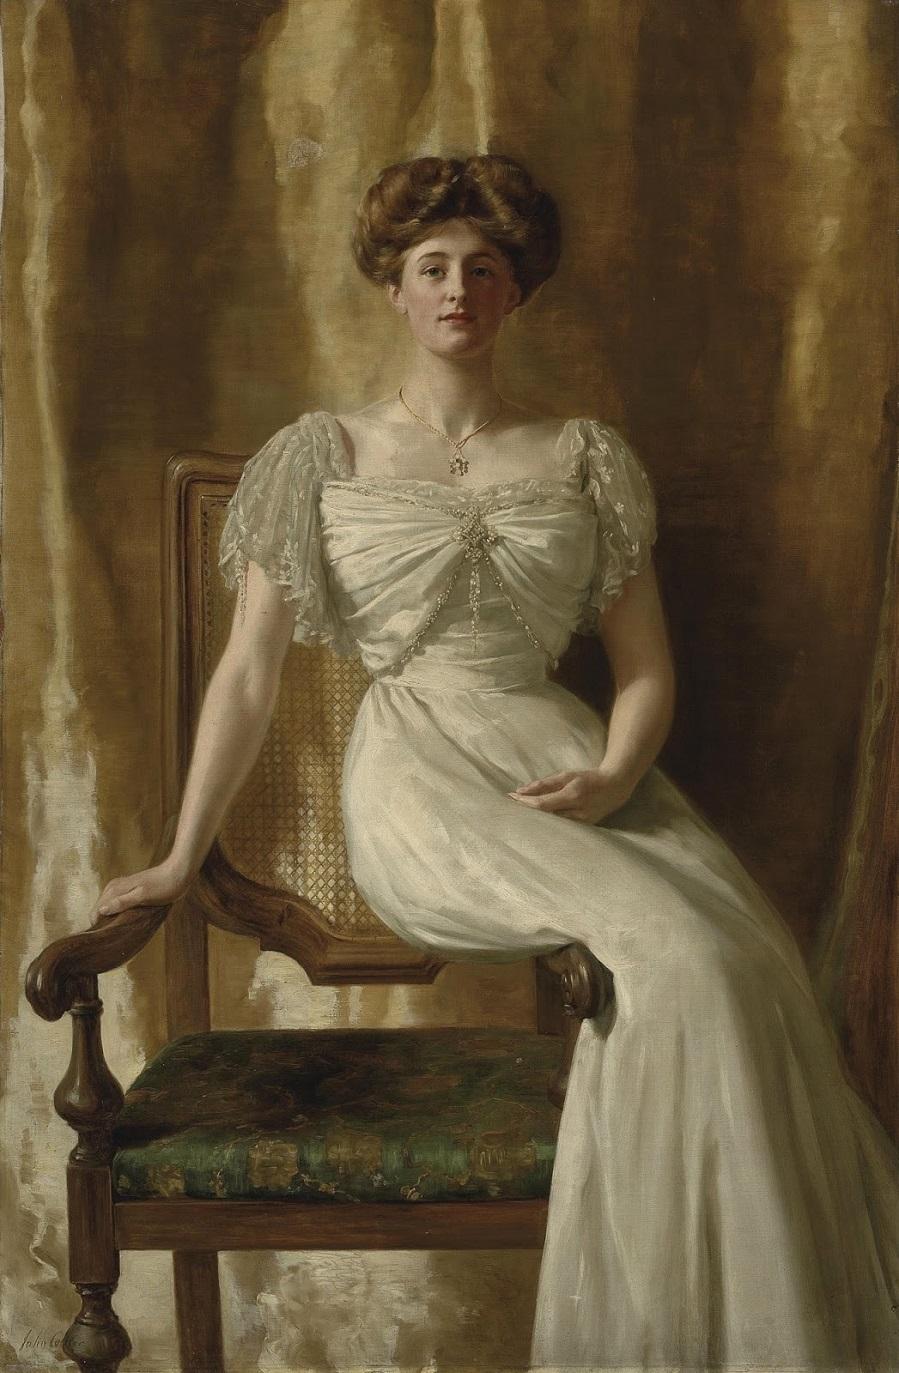 John-Collier-1850-1934-ANGLIY.jpg